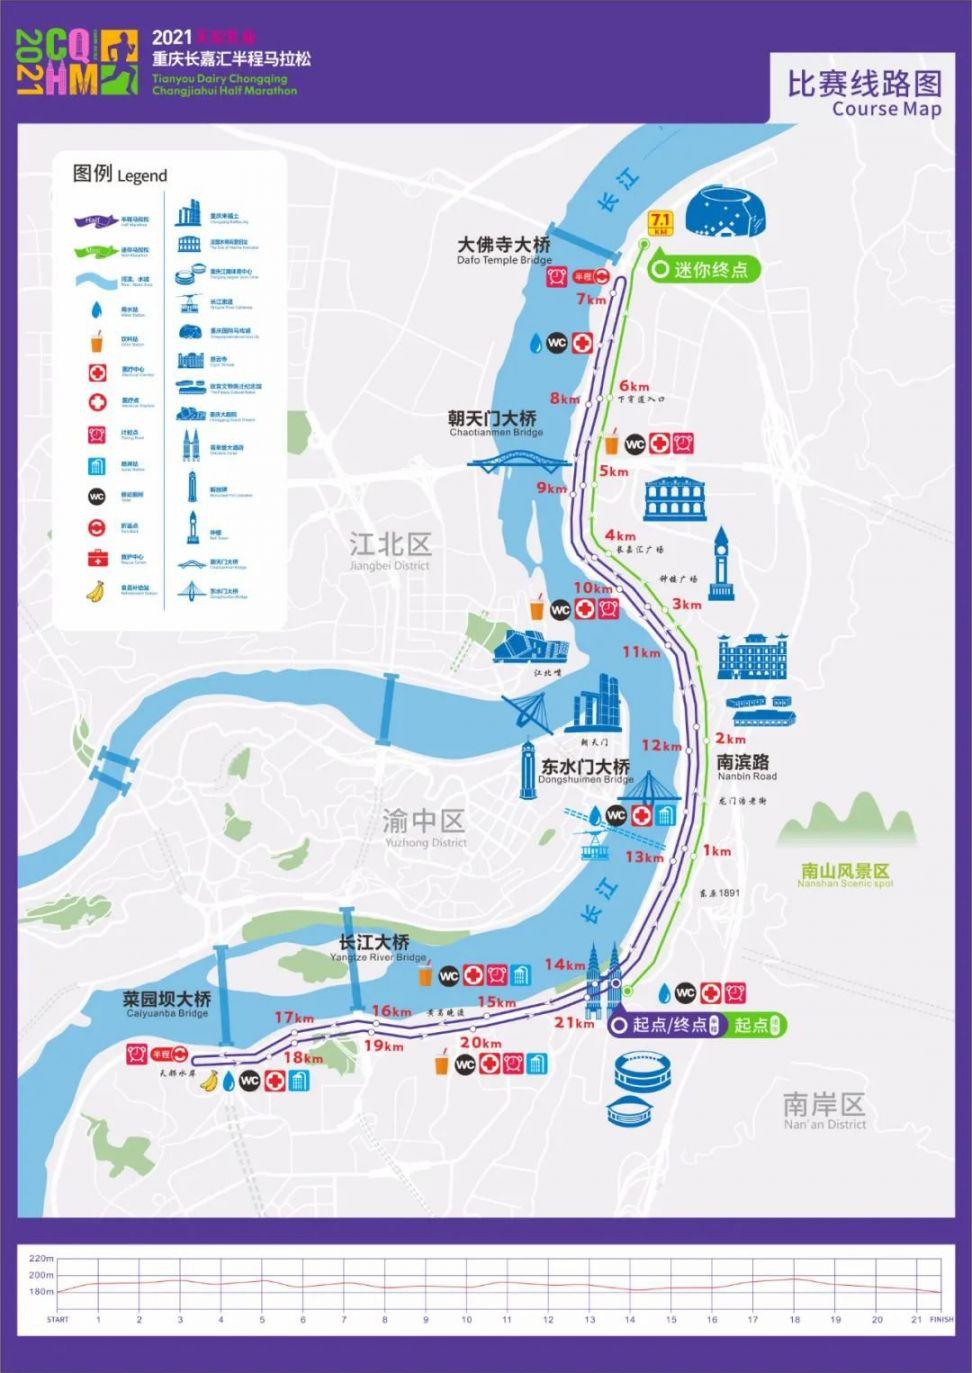 2021重慶長嘉匯半程馬拉松路線圖